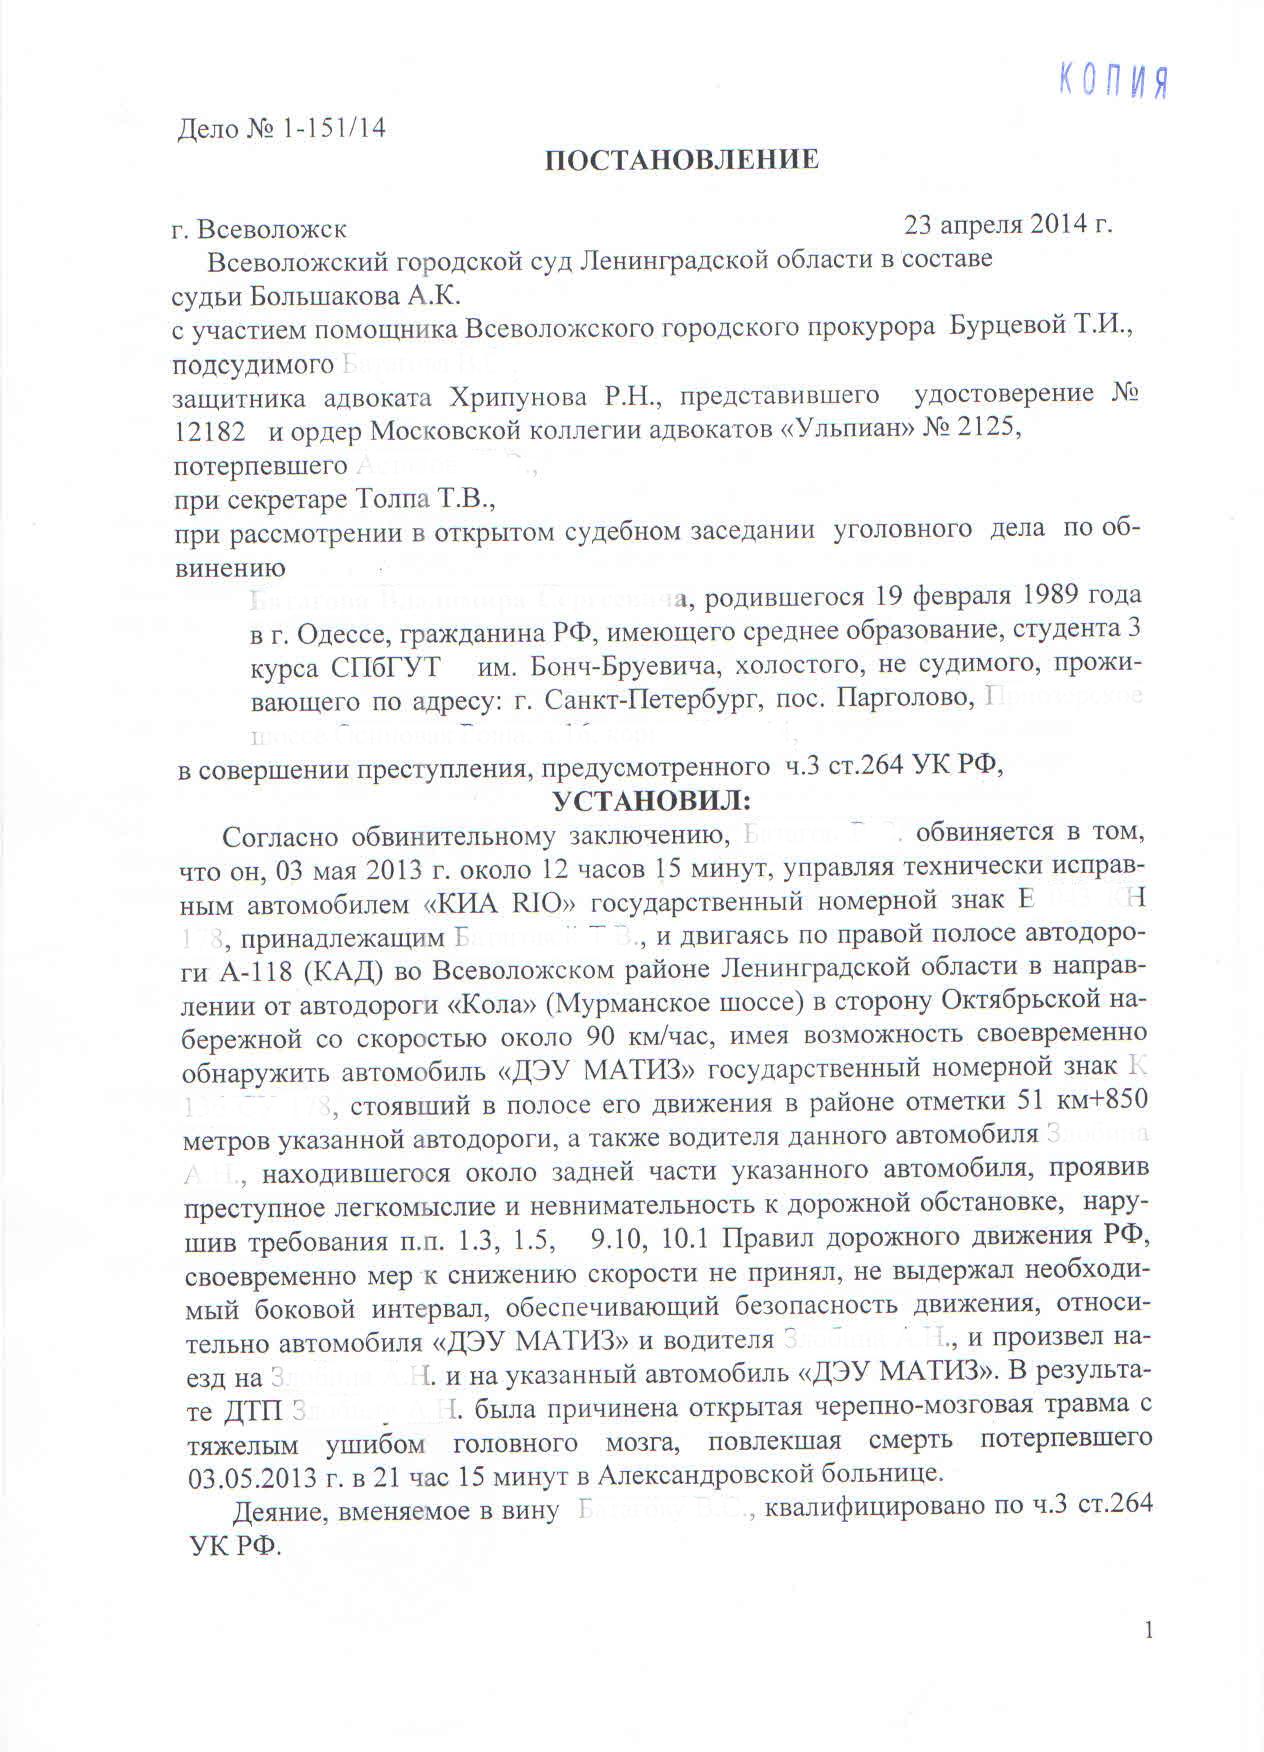 vyigrannoe-delo-statja-264-dtp-4-1